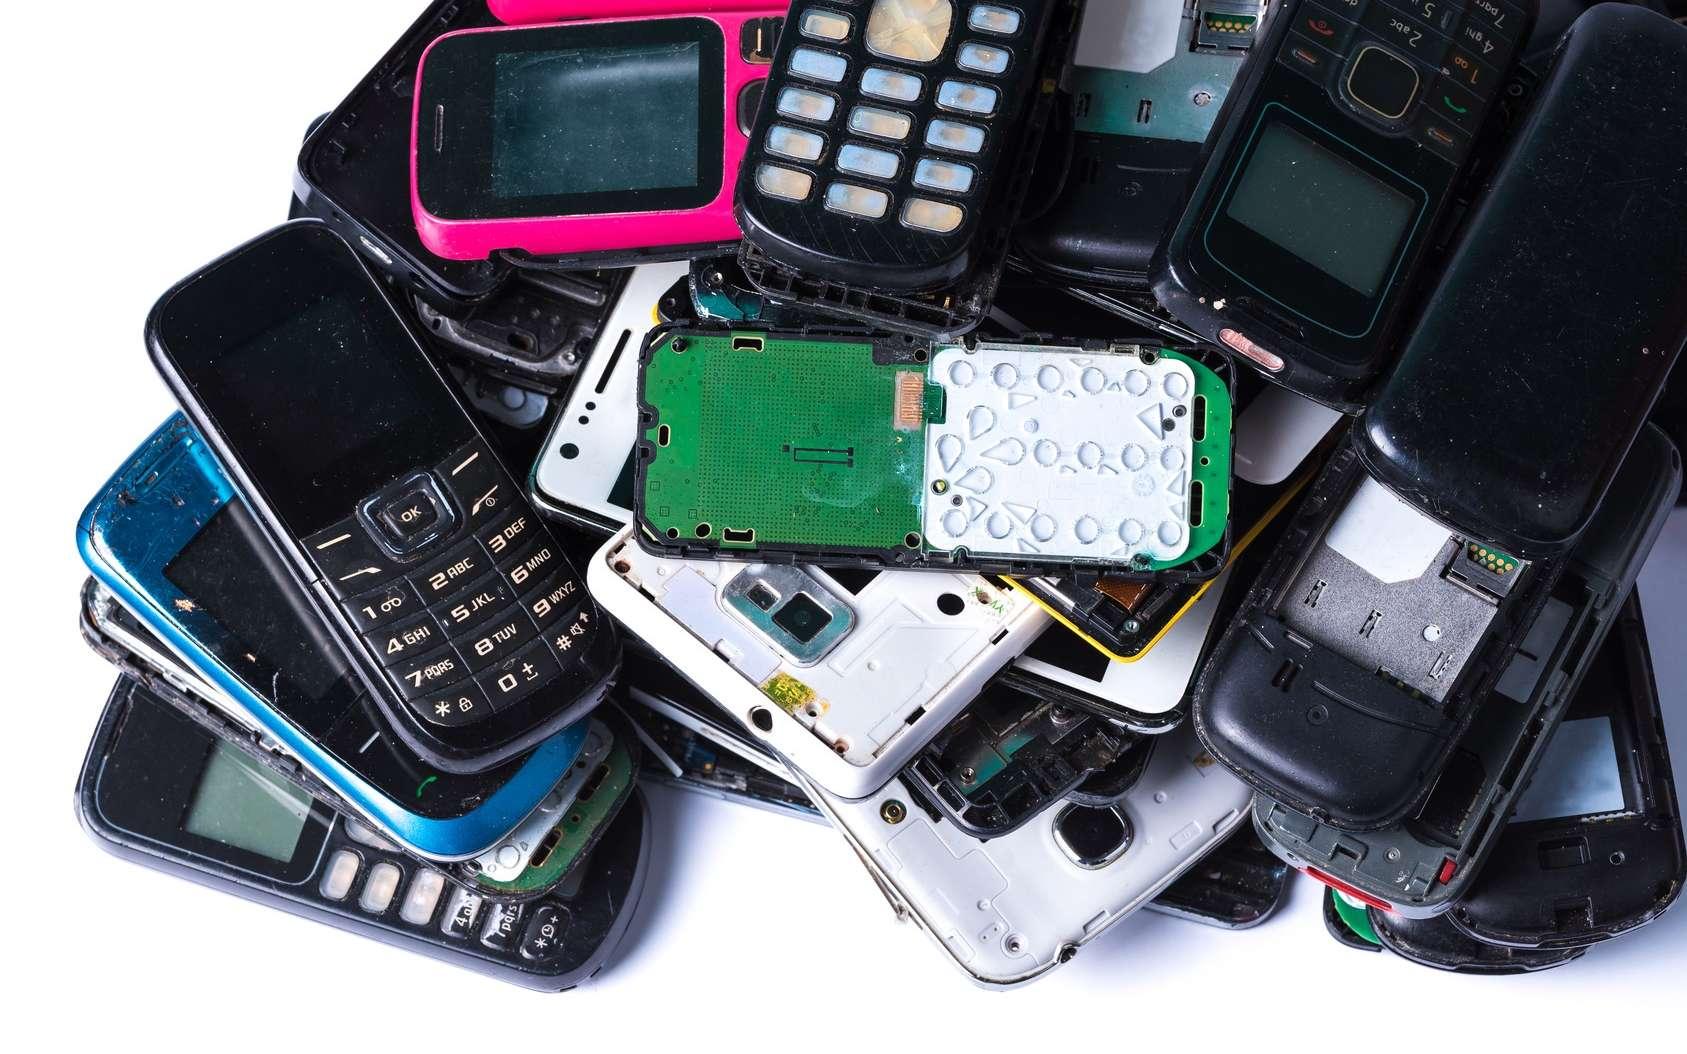 Les déchets technologiques non-recyclés font partie de la technosphère. © aryfahmed, Fotolia